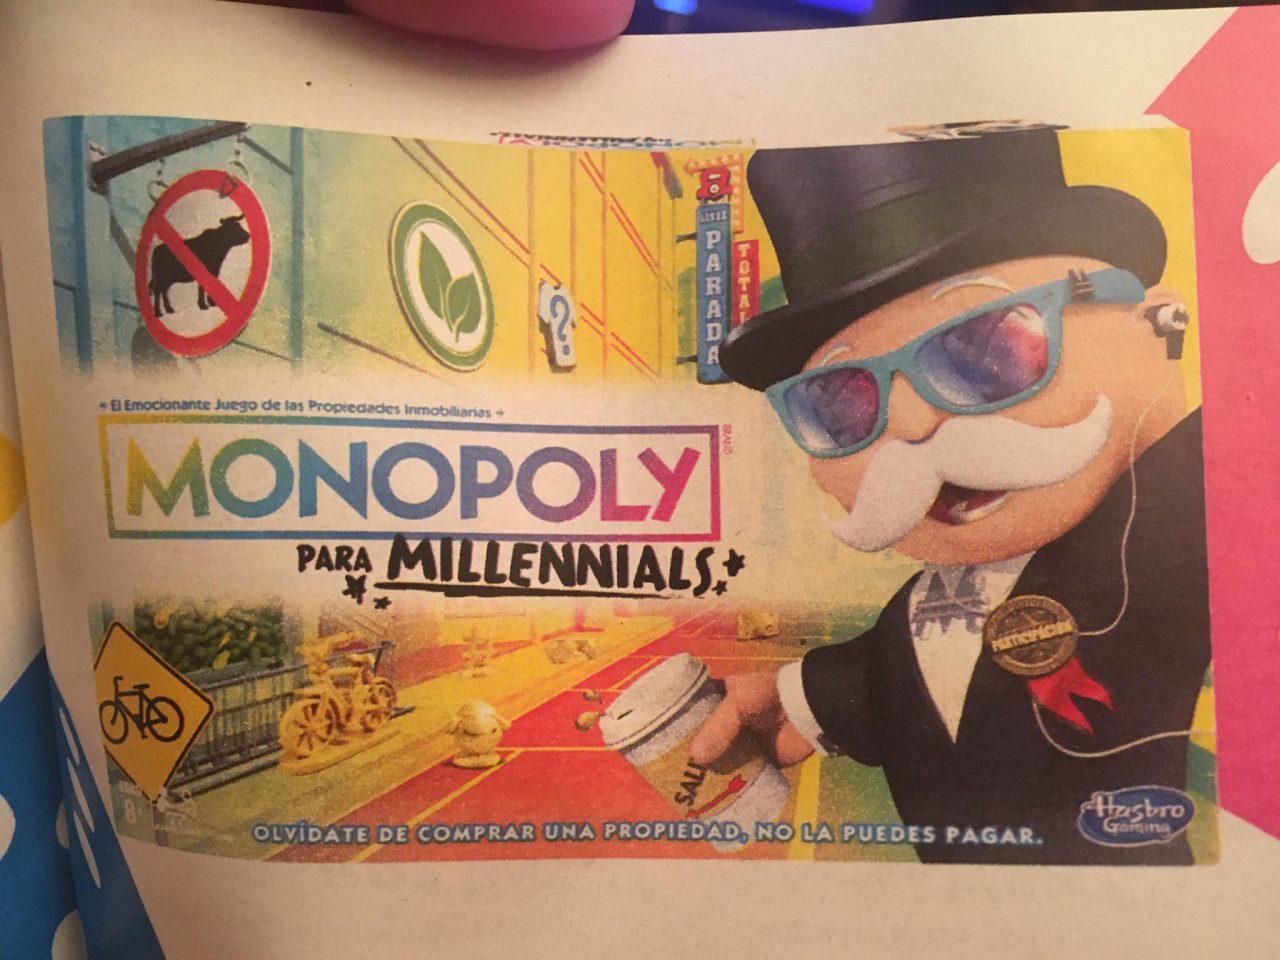 """Monopoly para Millennials """"Olvídate de comprar una propiedad, no la puedes pagar"""" :D"""